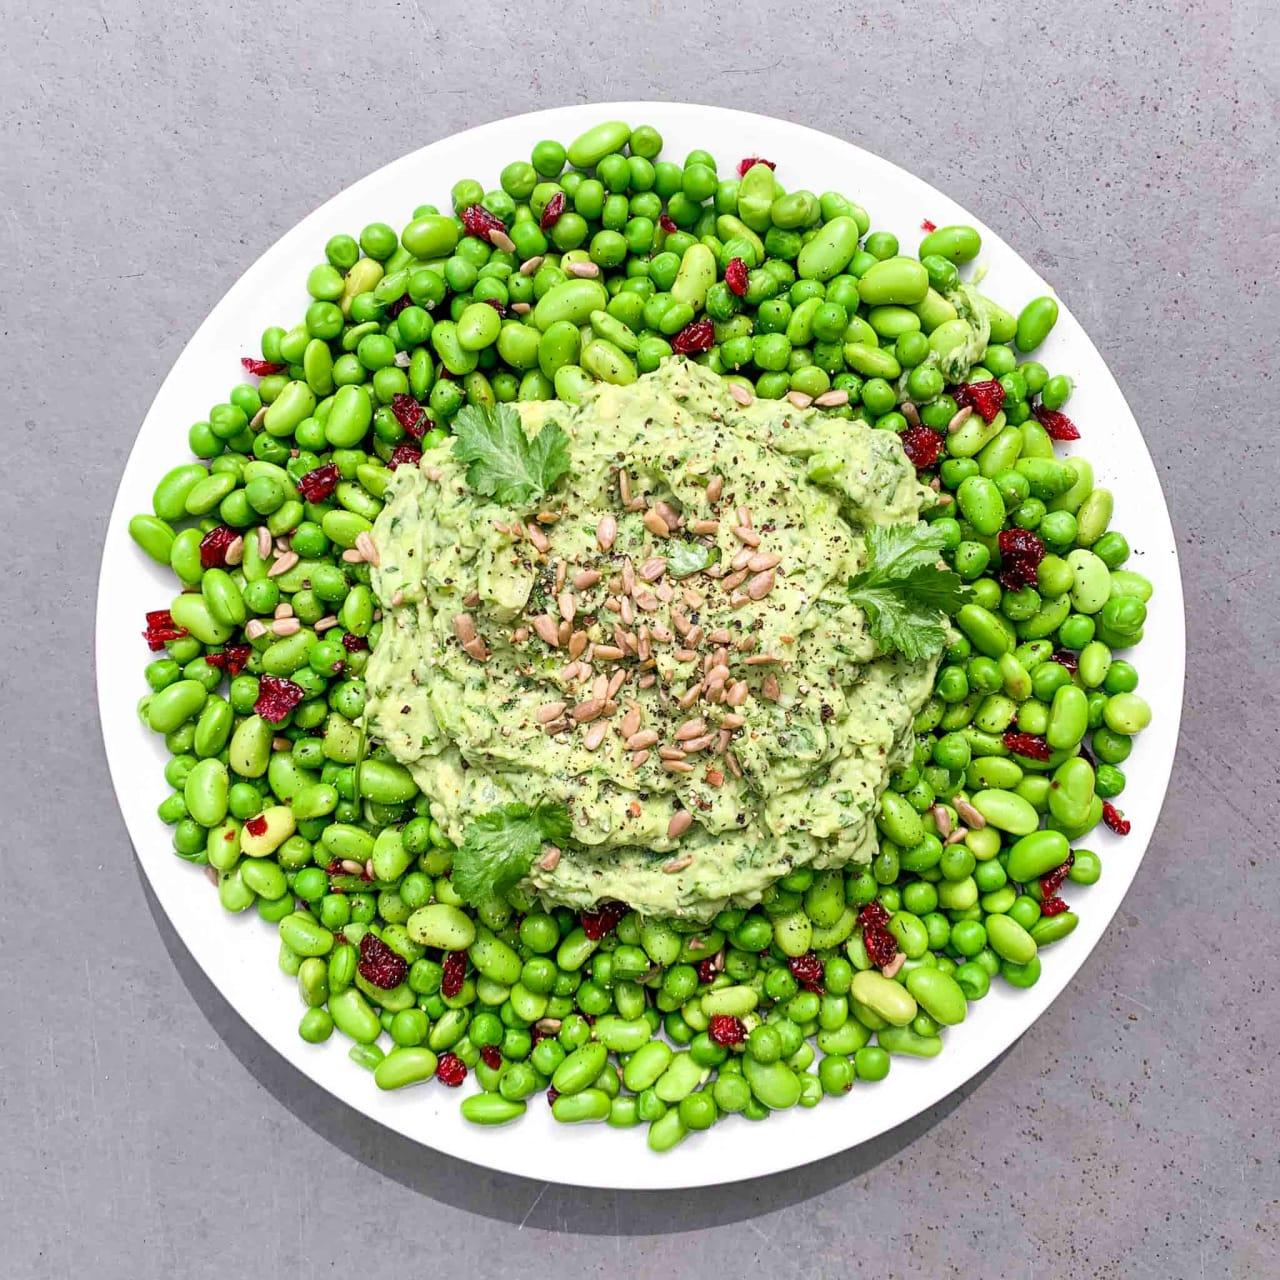 Pea & Edamame Salad